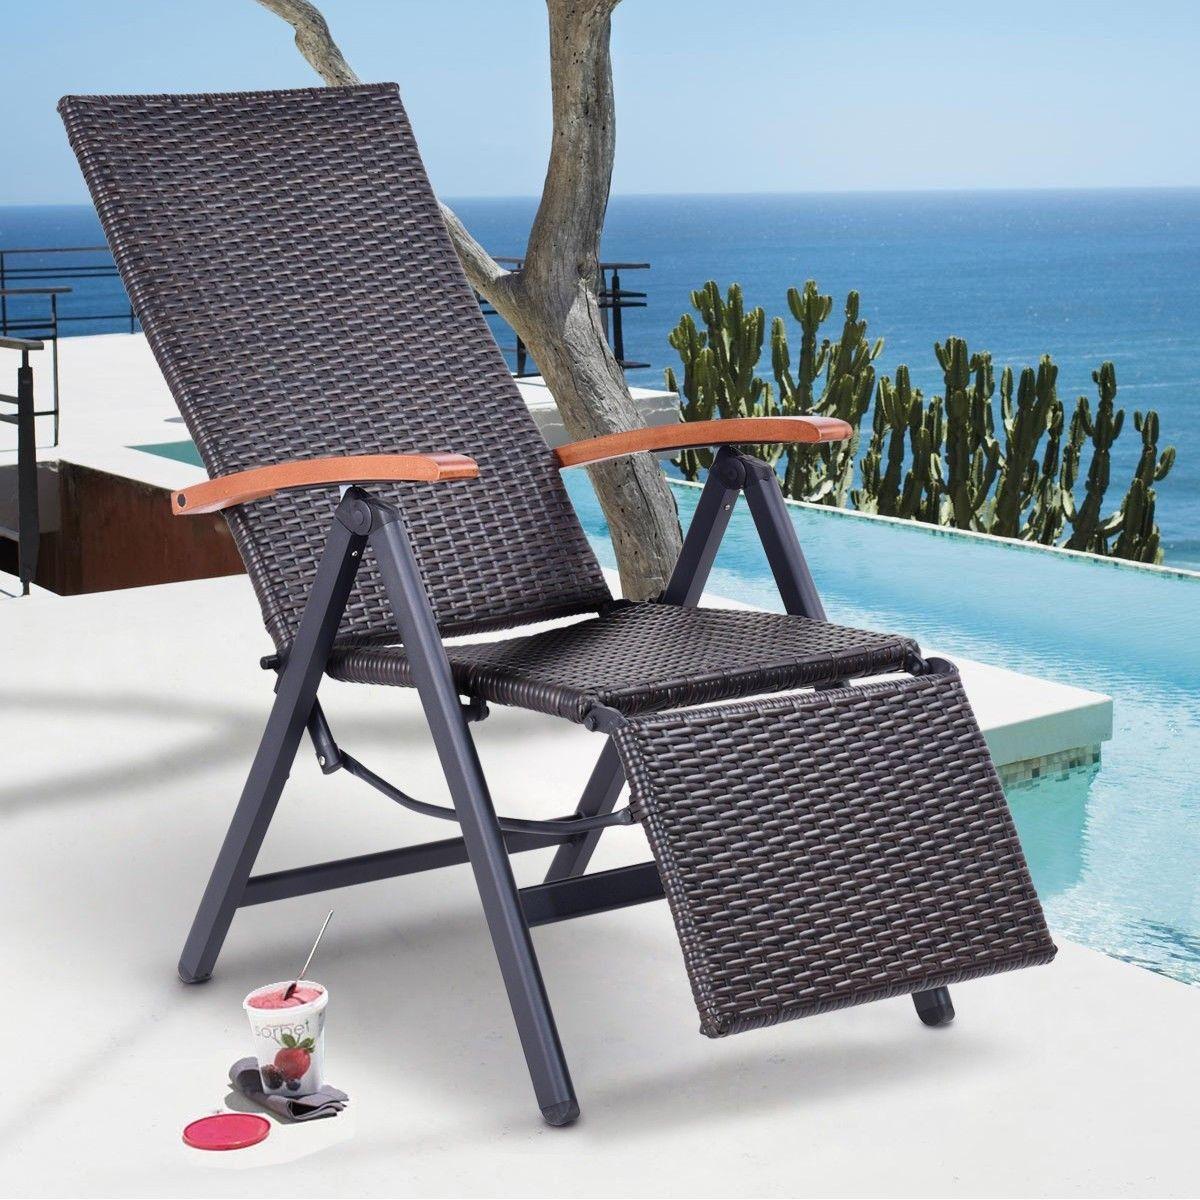 Garden folding rattan aluminum recliner chair outdoor